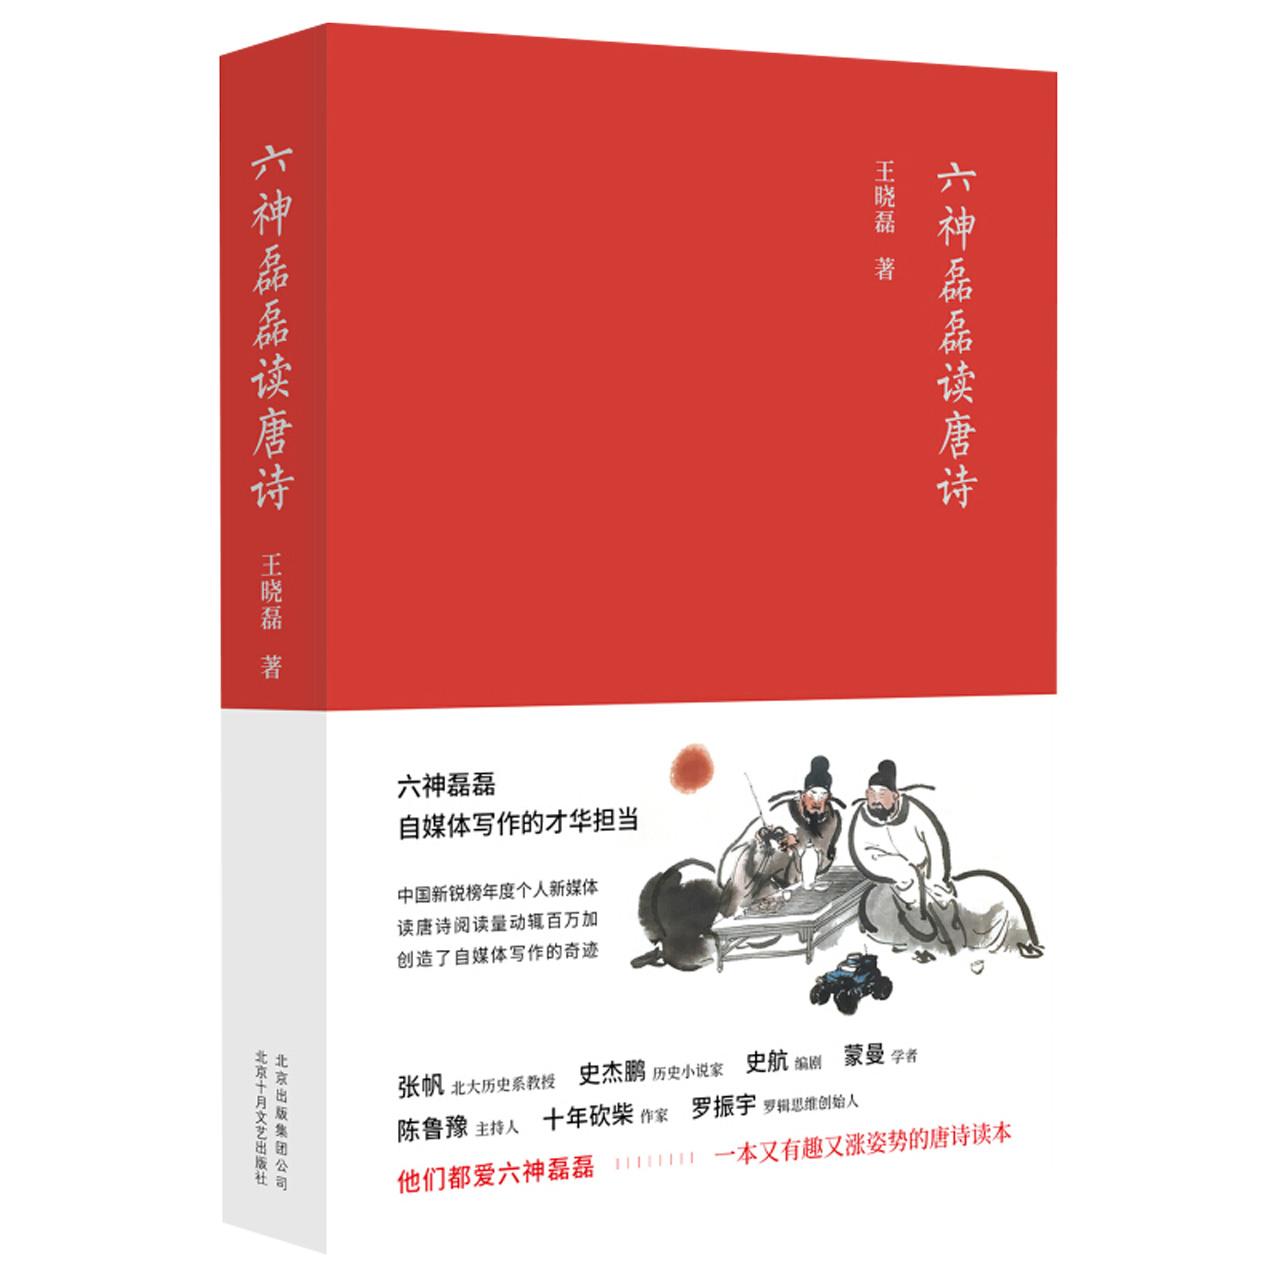 六神磊磊读唐诗中国当代随笔诗歌诗词赏析精彩解读新华书店